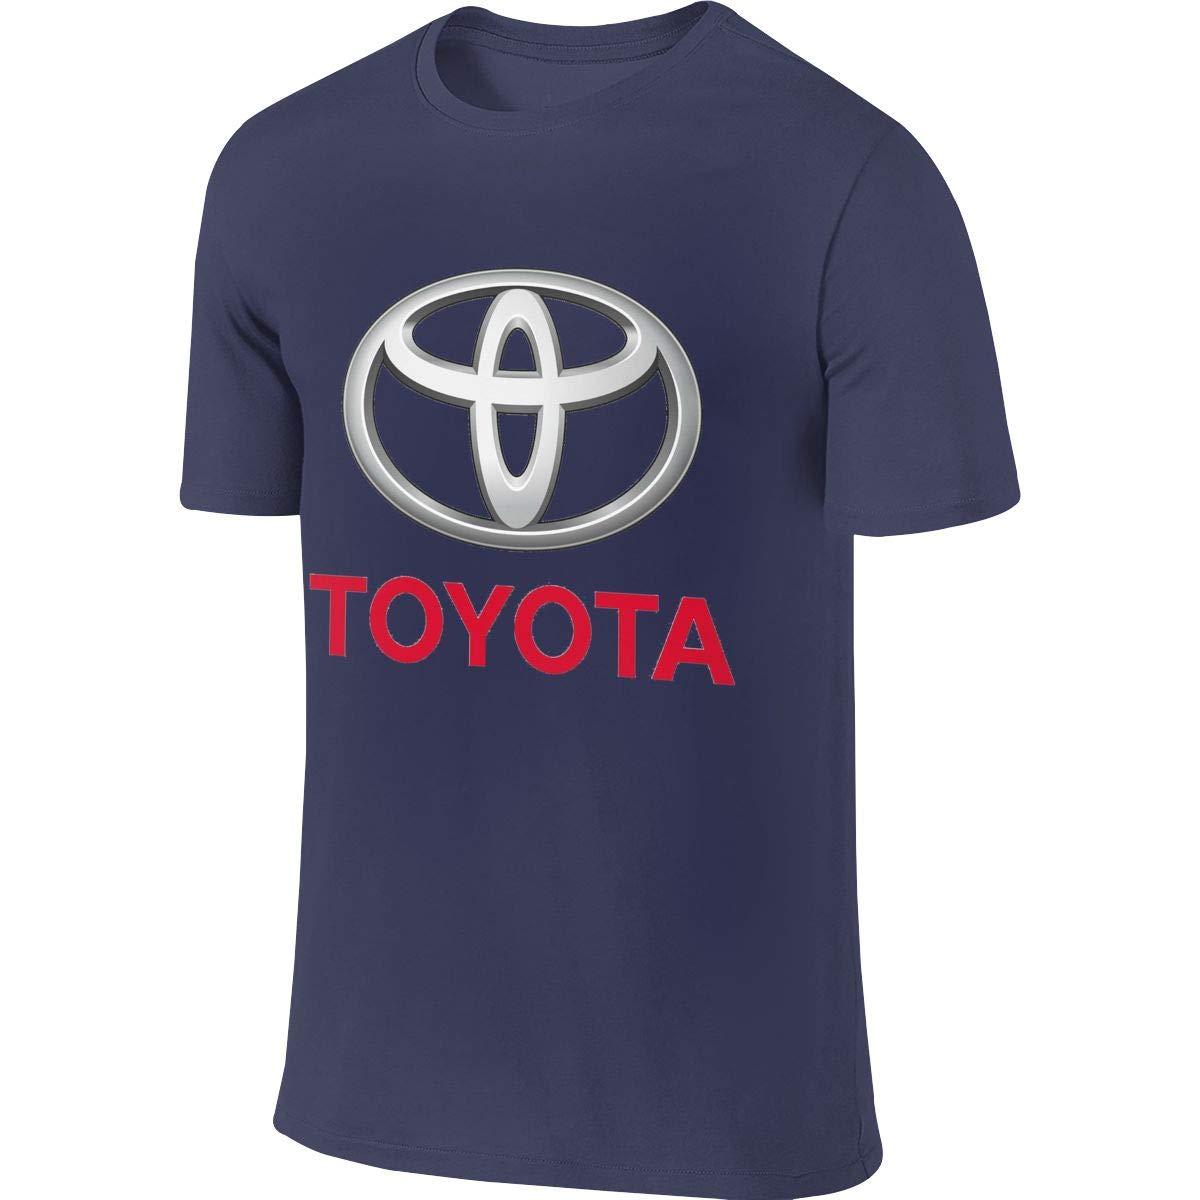 KAMEOR Playera con Logo de Toyota para Hombre - Azul Marino - 4X ...